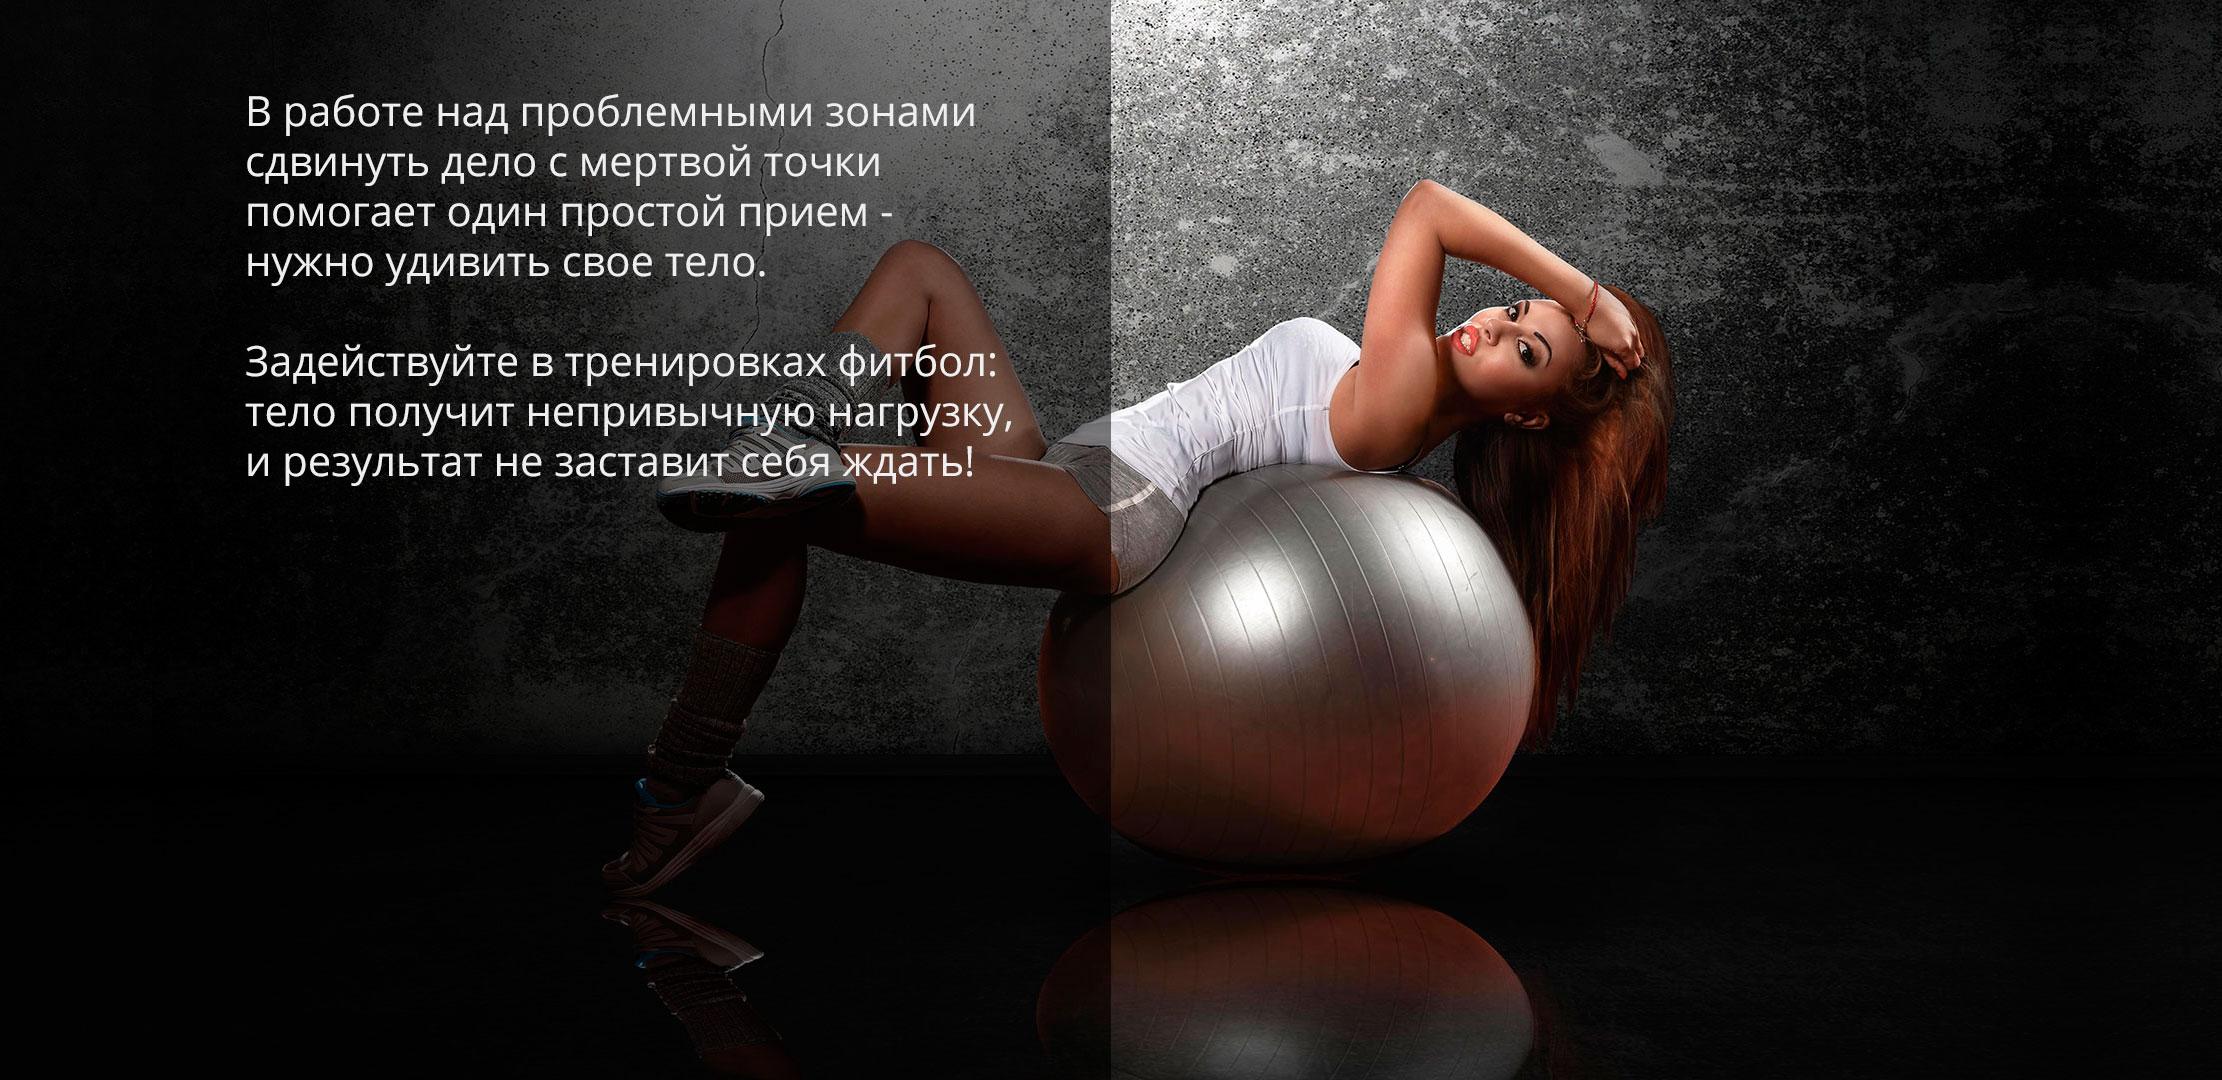 glavnaya-01